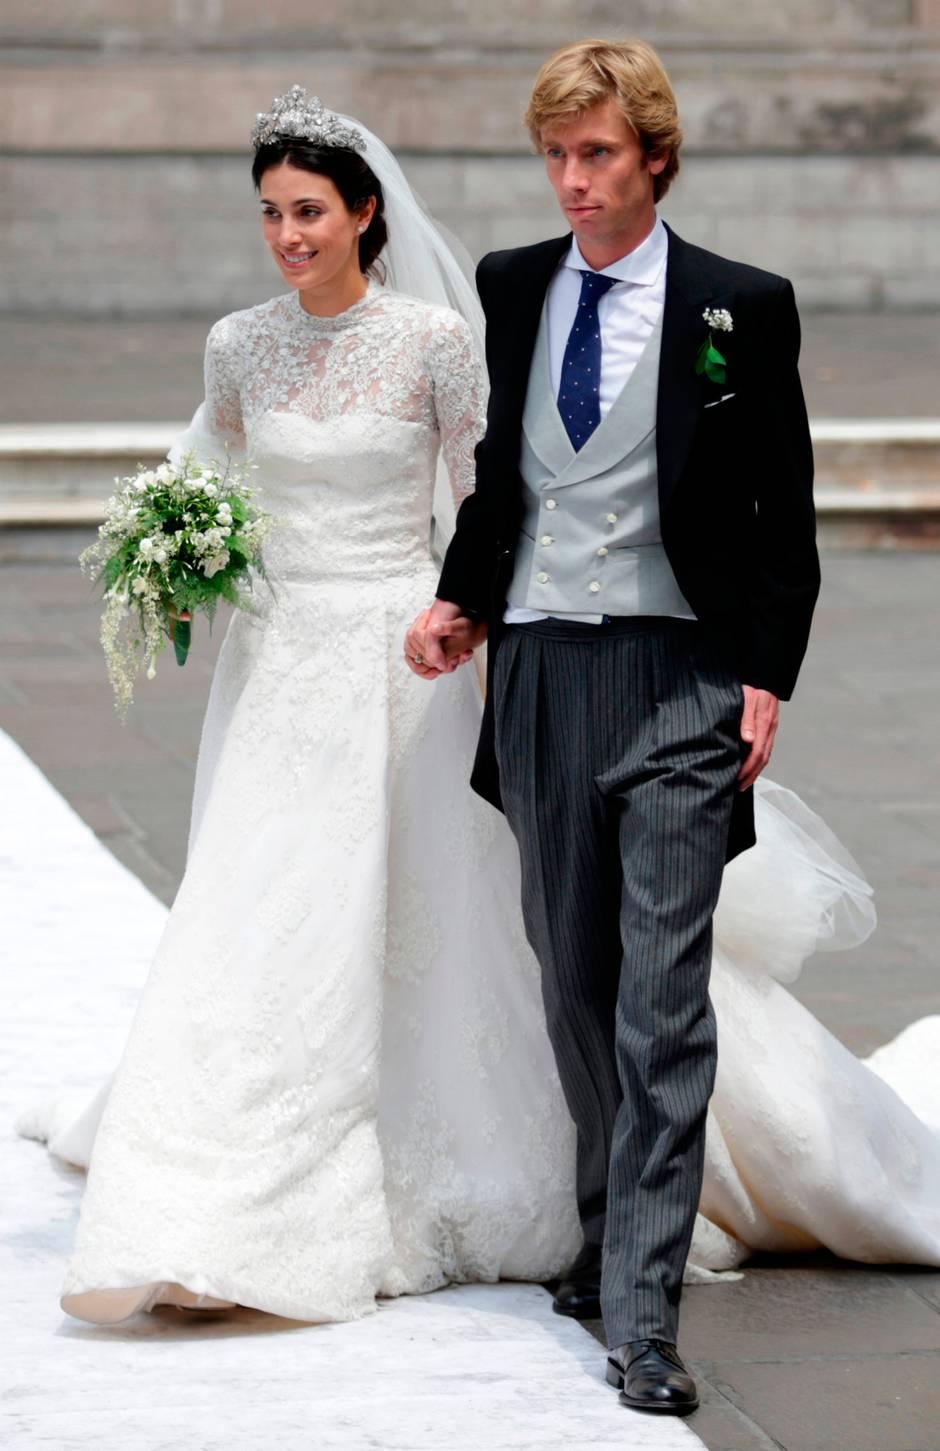 img 9382 - Kate Princess Wedding